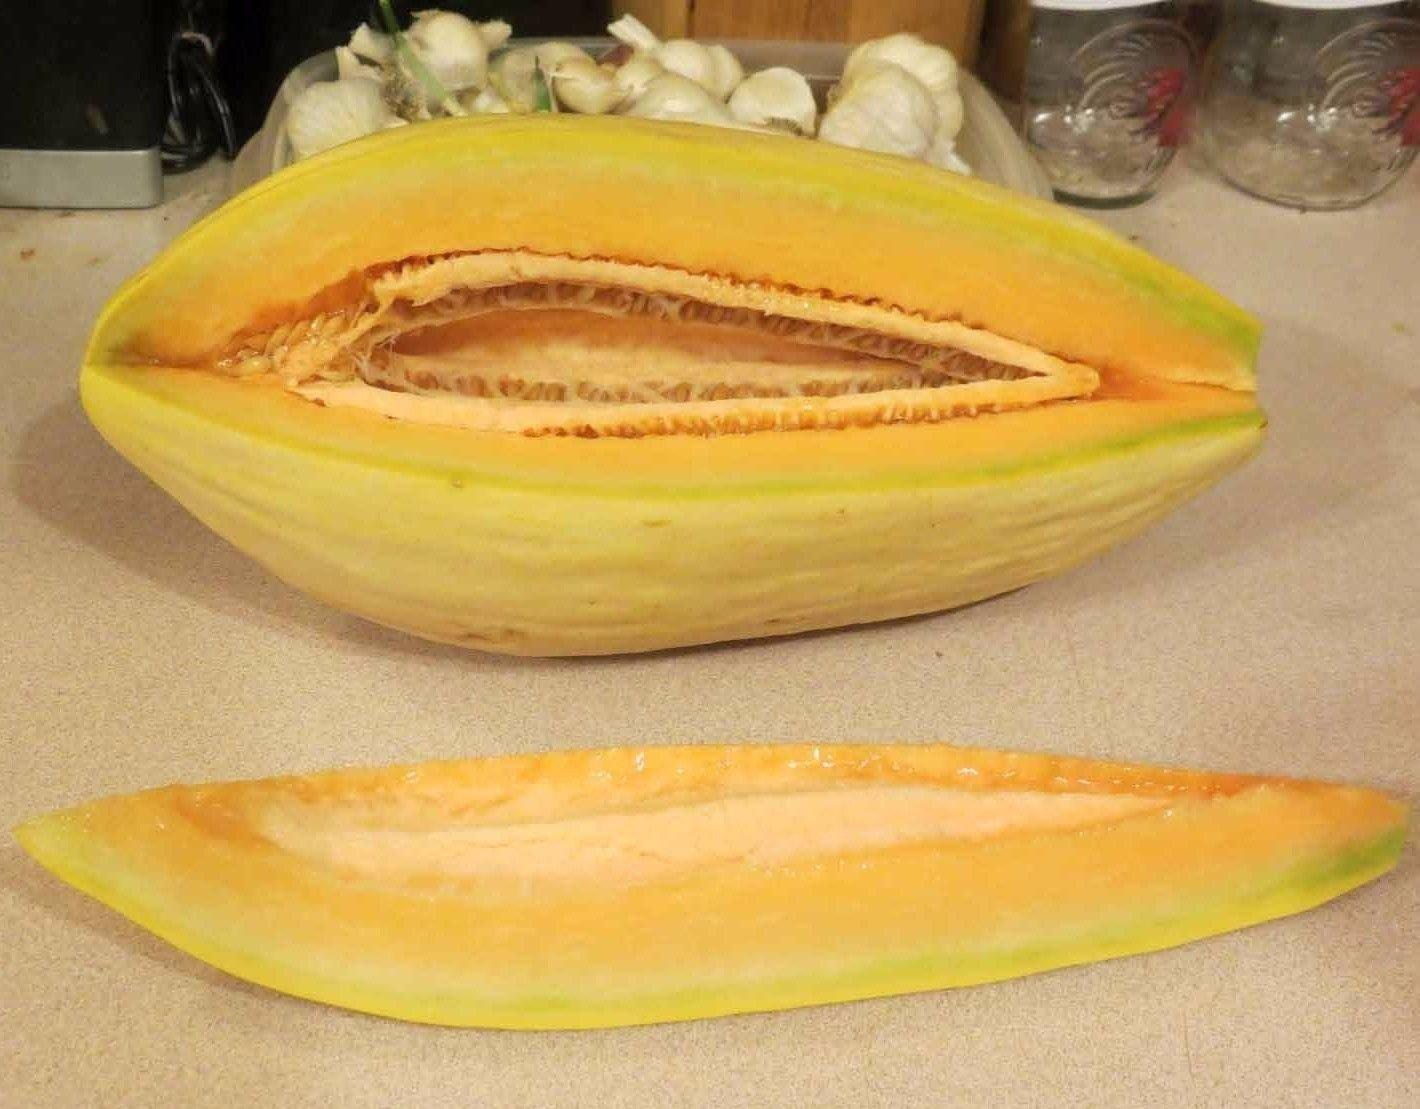 Banana Melon 1/4 bulk seeds * sweet * easy grow *#1H